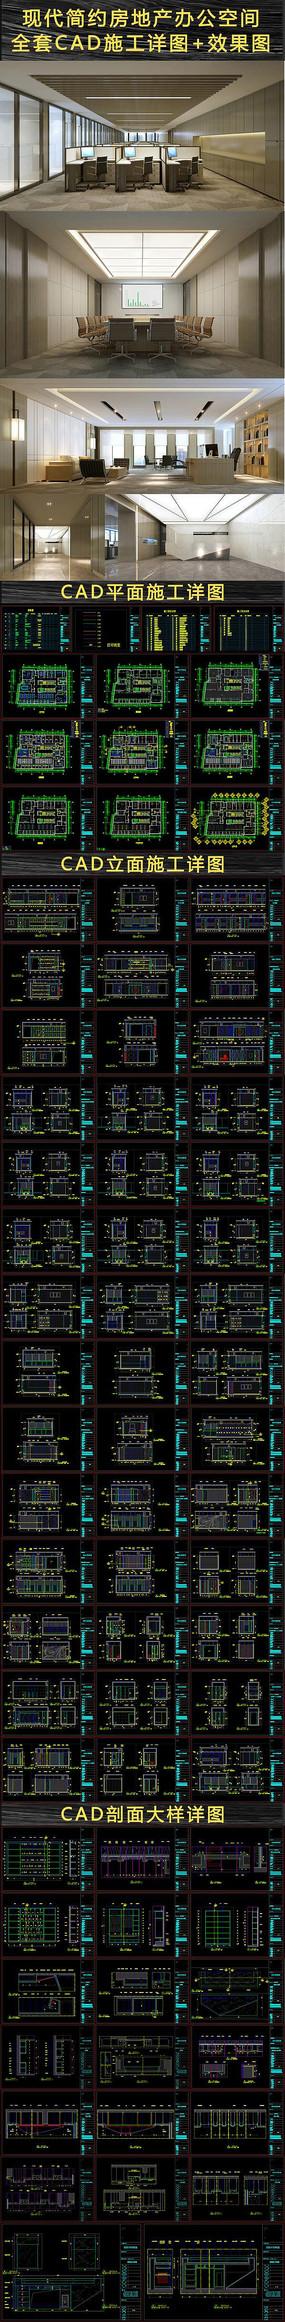 现代简约风格房地产办公空间全套CAD施工图+效果图